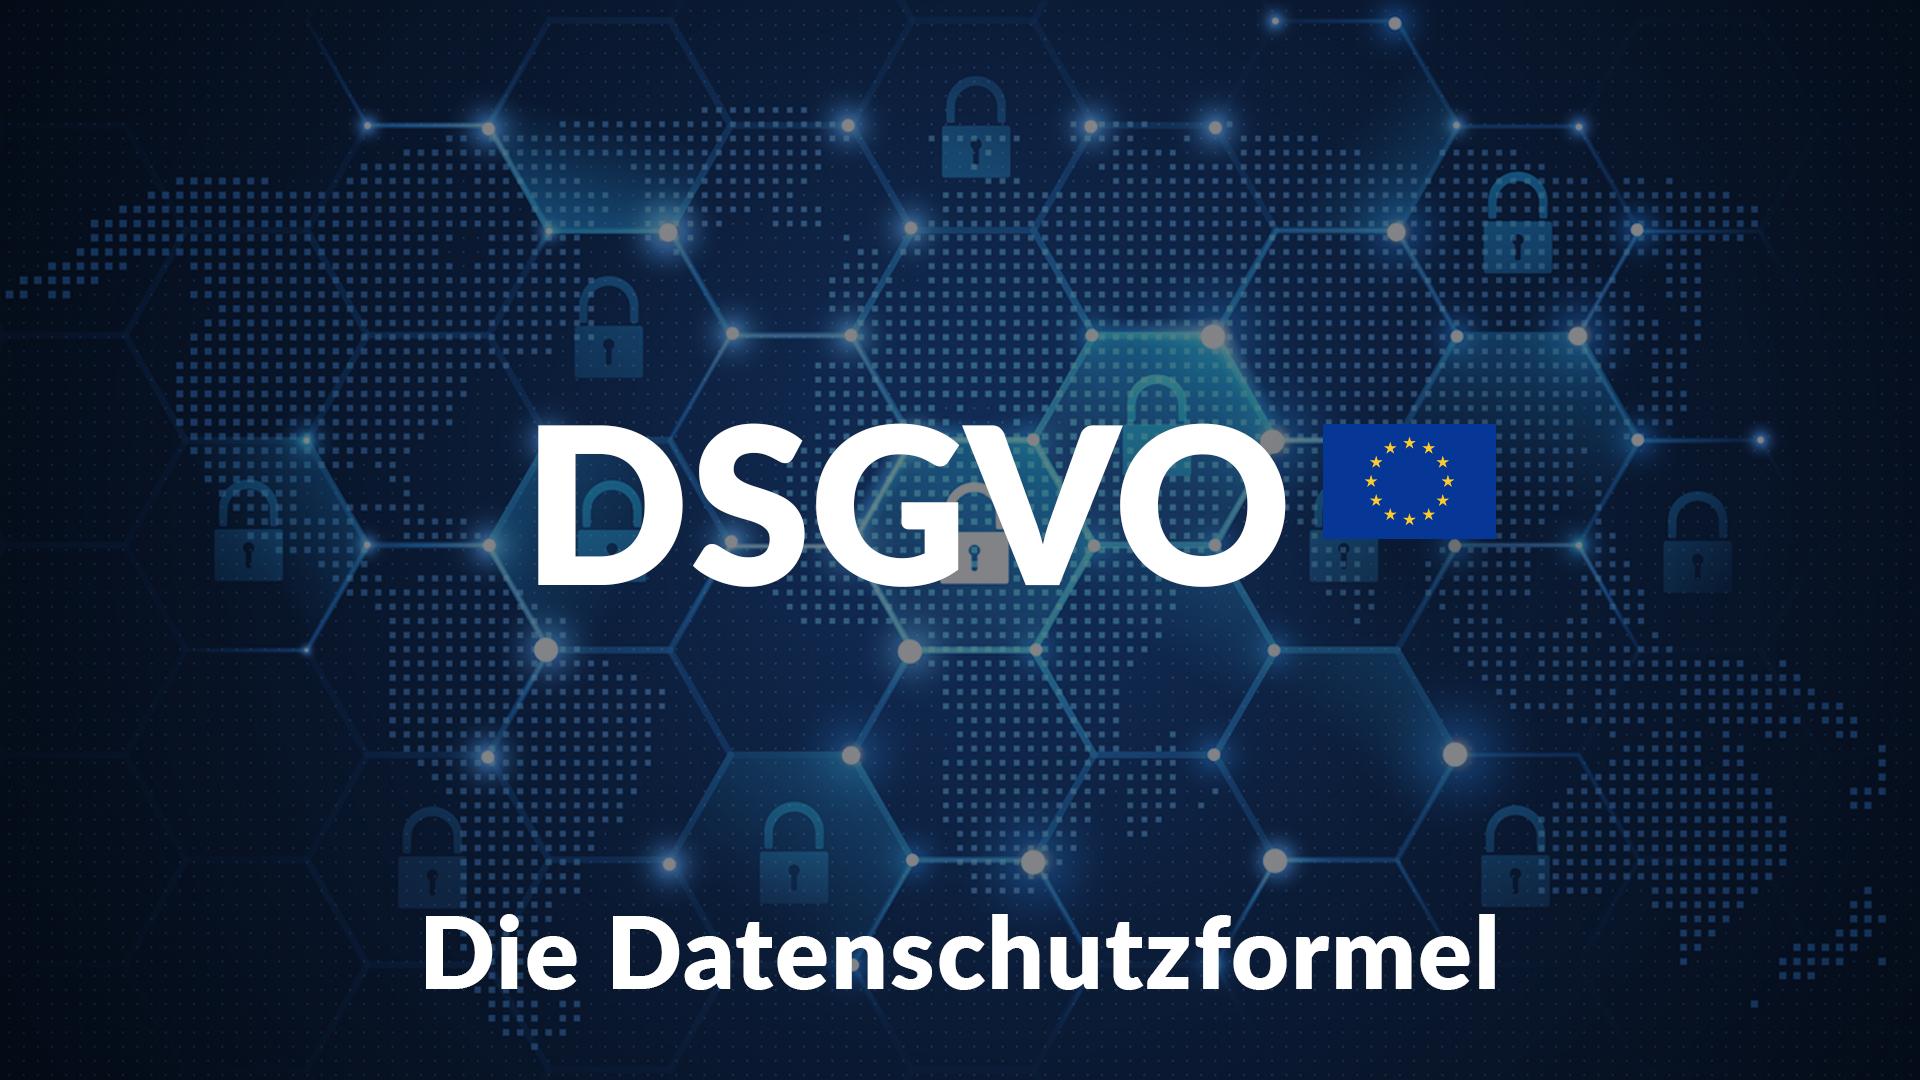 Für Website-Betreiber: Gratis Onlinekurs zur EU-Datenschutzgrundverordnung (DSGVO) + Gratis Datenschutzerklärung